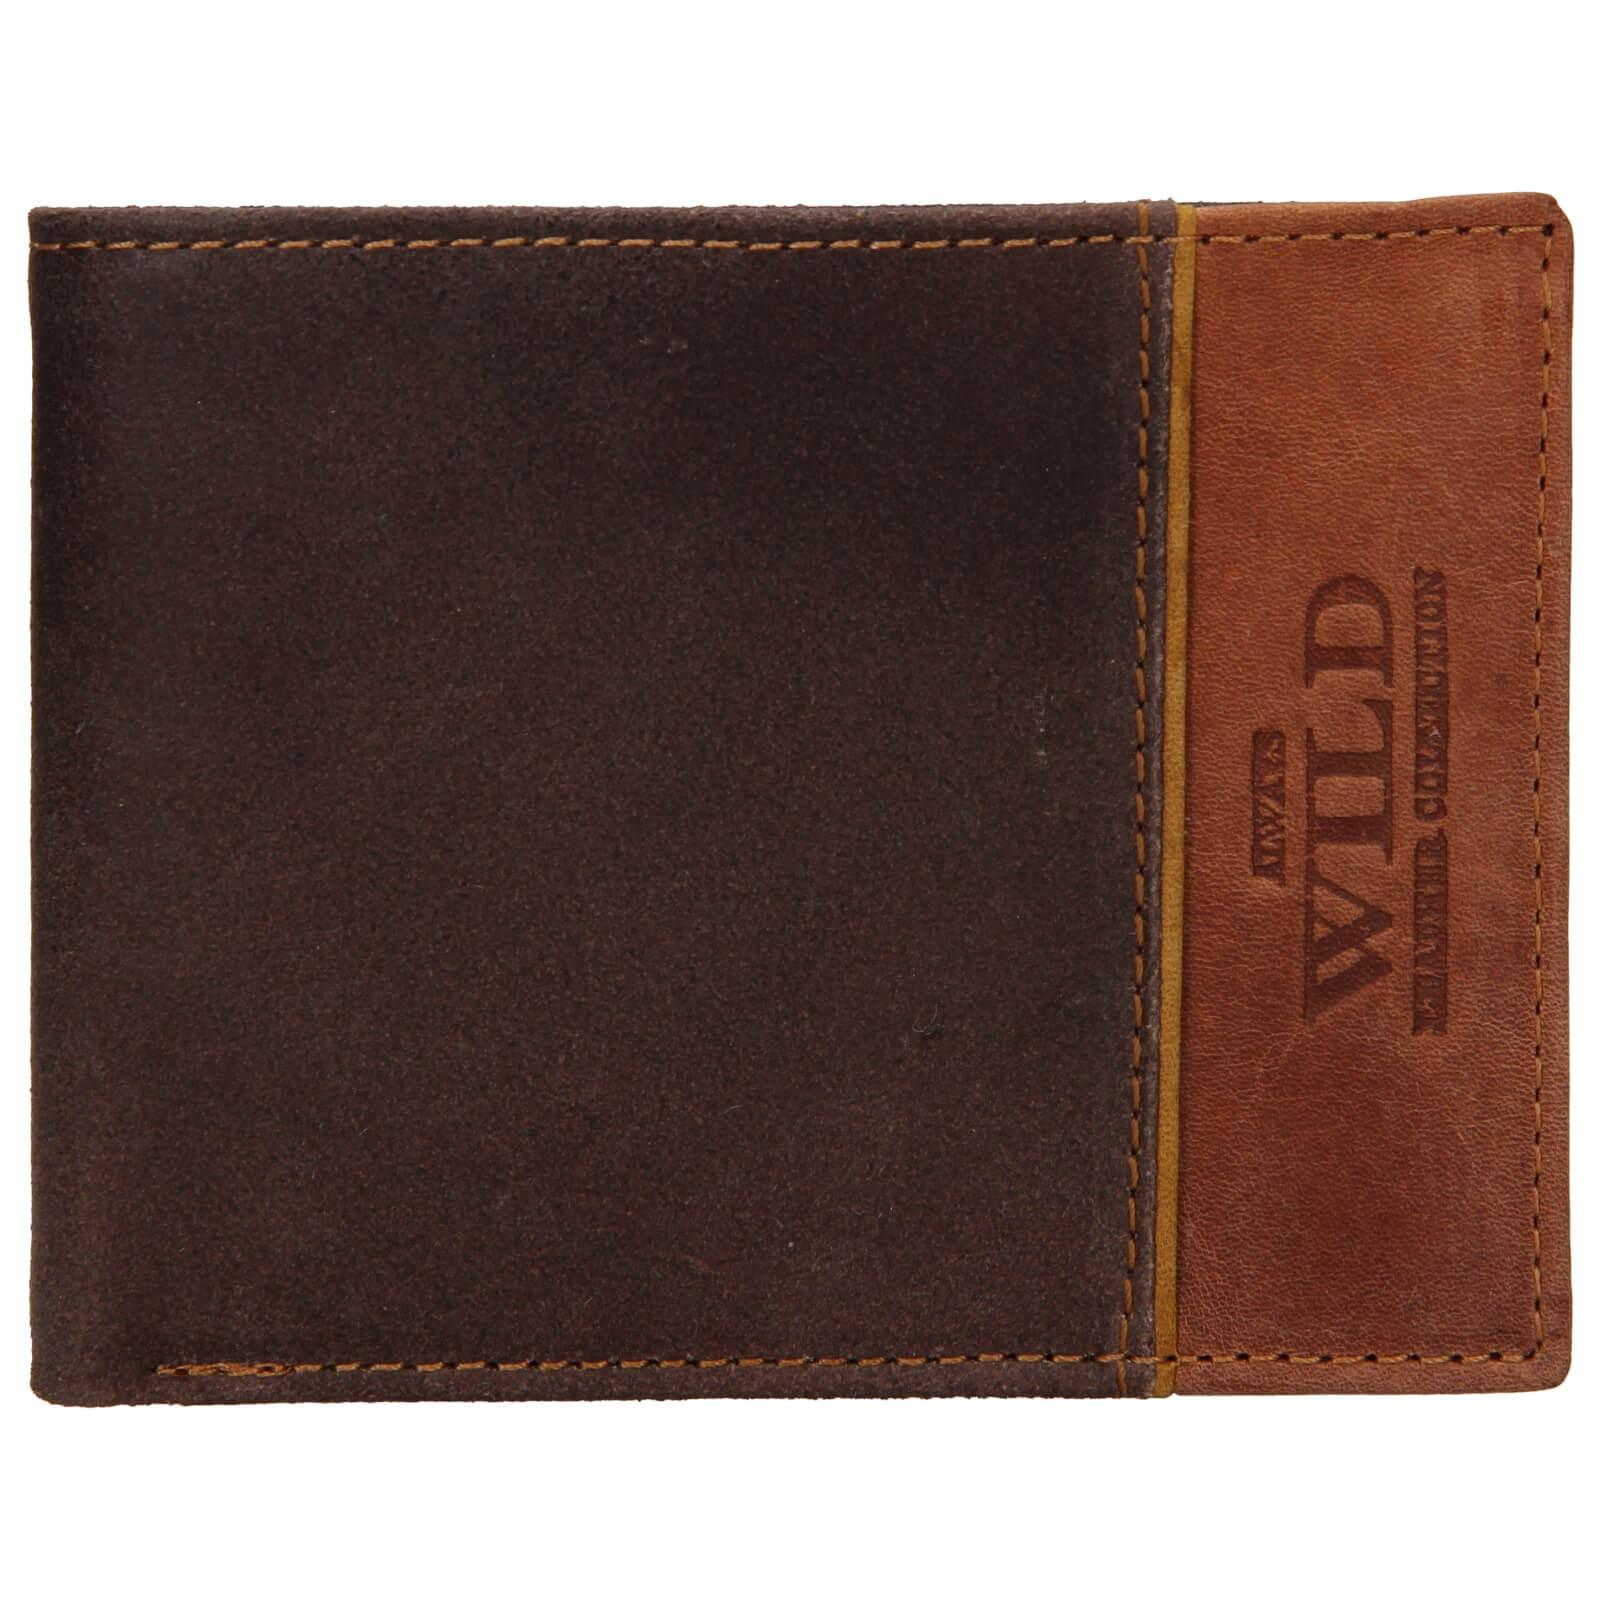 Pánska kožená peňaženka Always Wild Fredy - hnedá